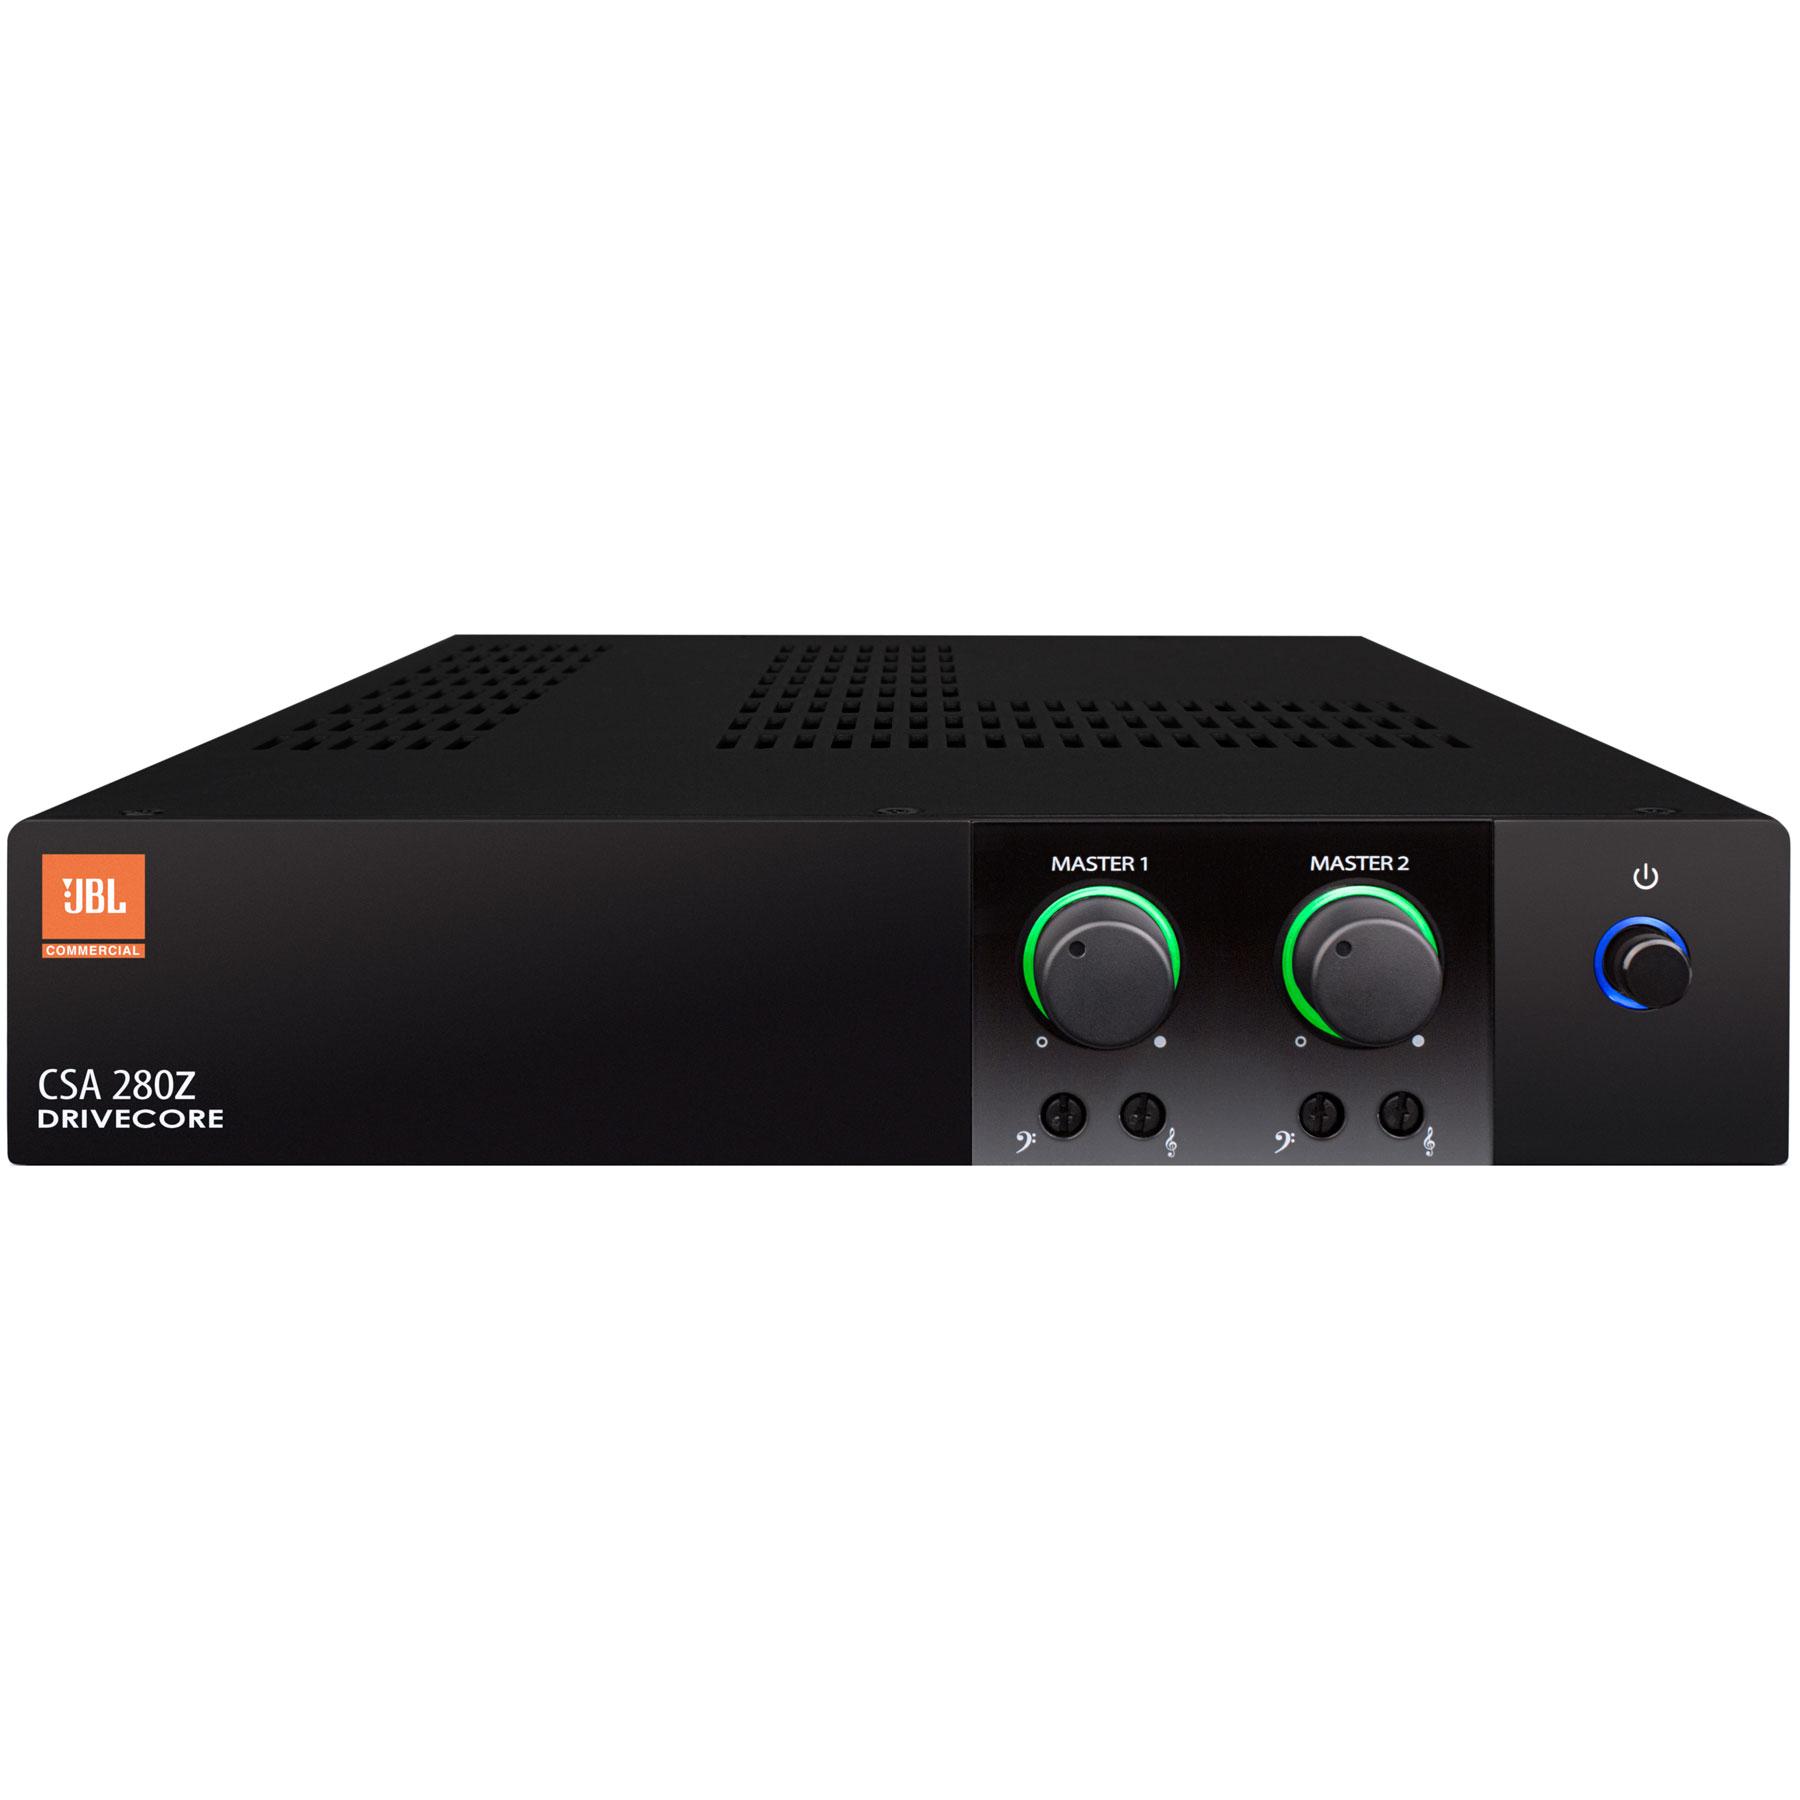 JBL CSA 280Z 80 Watt / 70VAudio Amplifier